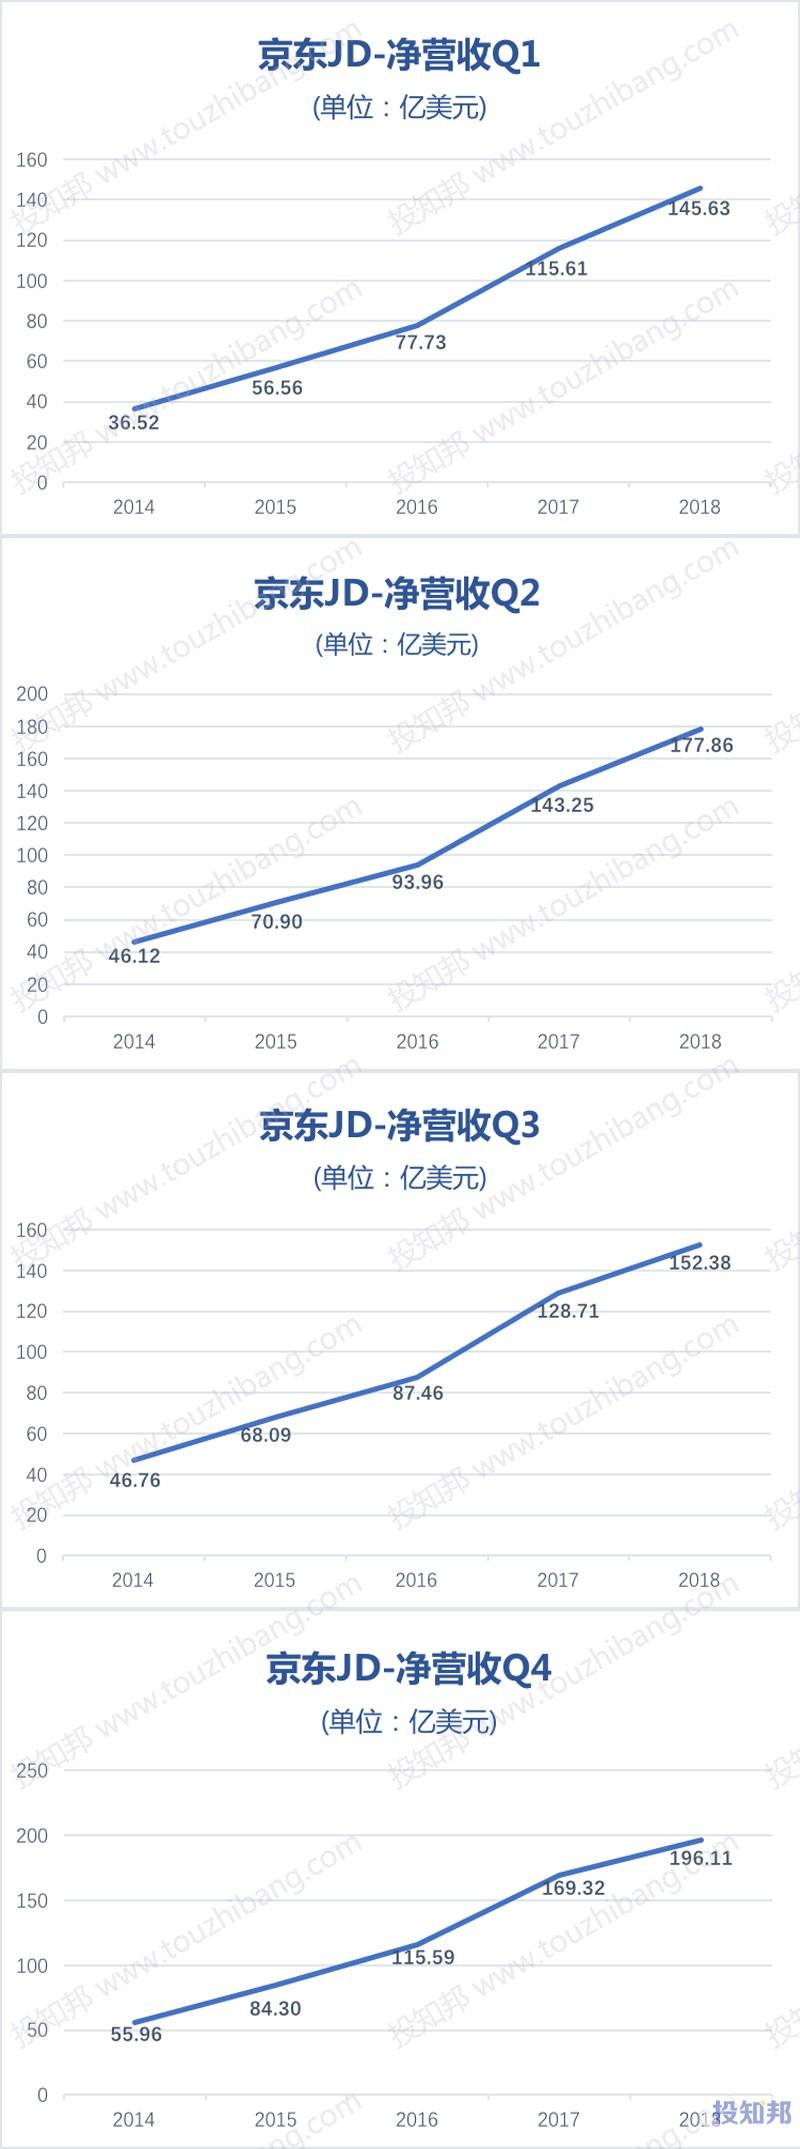 图解京东(JD)财报数据(以美元计,2014~2018年,更新)